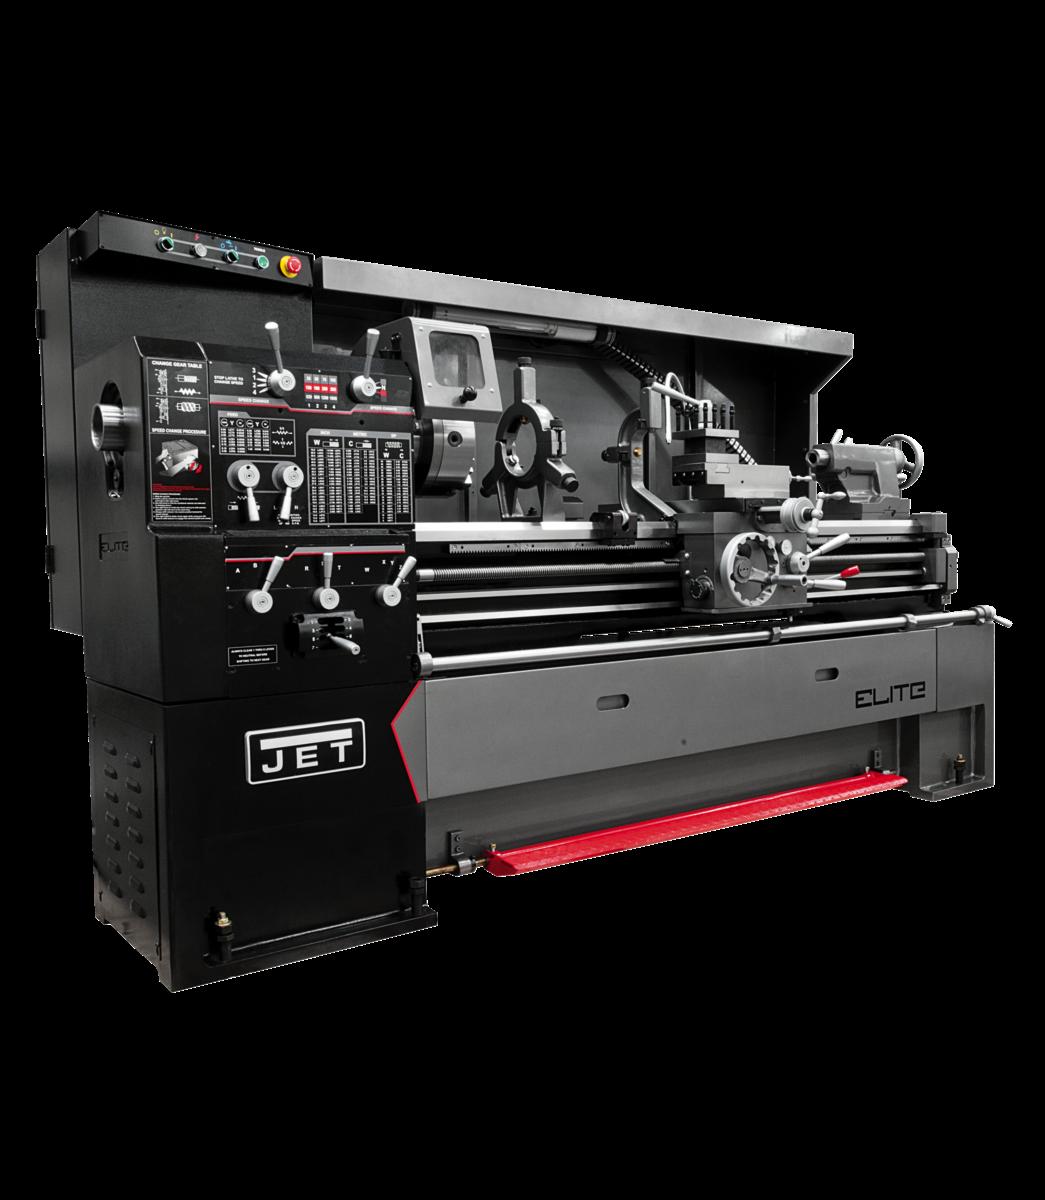 EGH-1740 W/ DP700 W/ TAK & CC